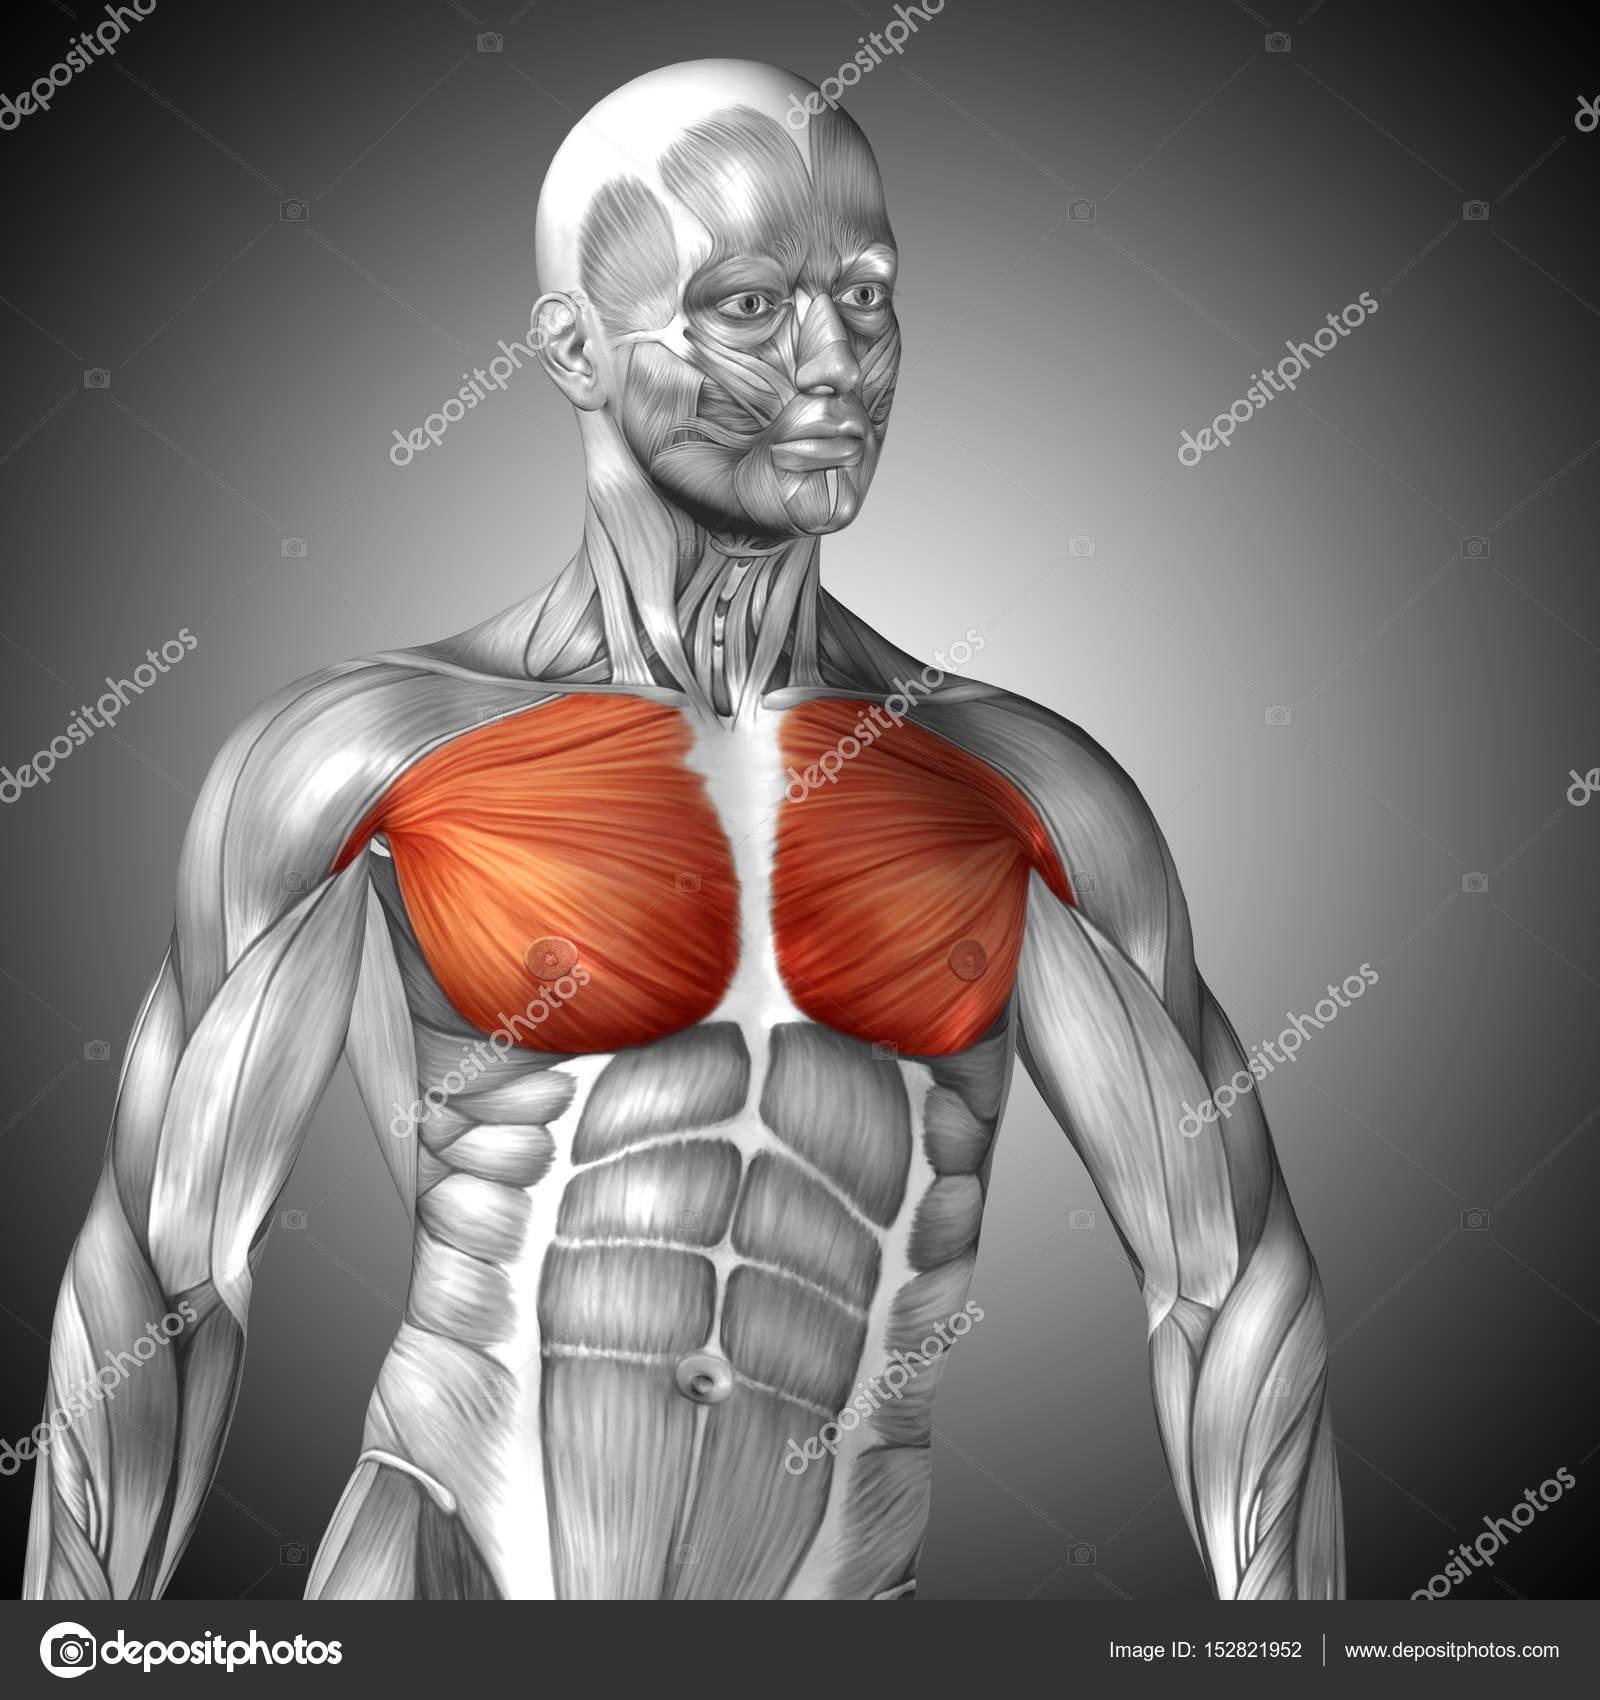 Anatomie der menschlichen Brust — Stockfoto © design36 #152821952